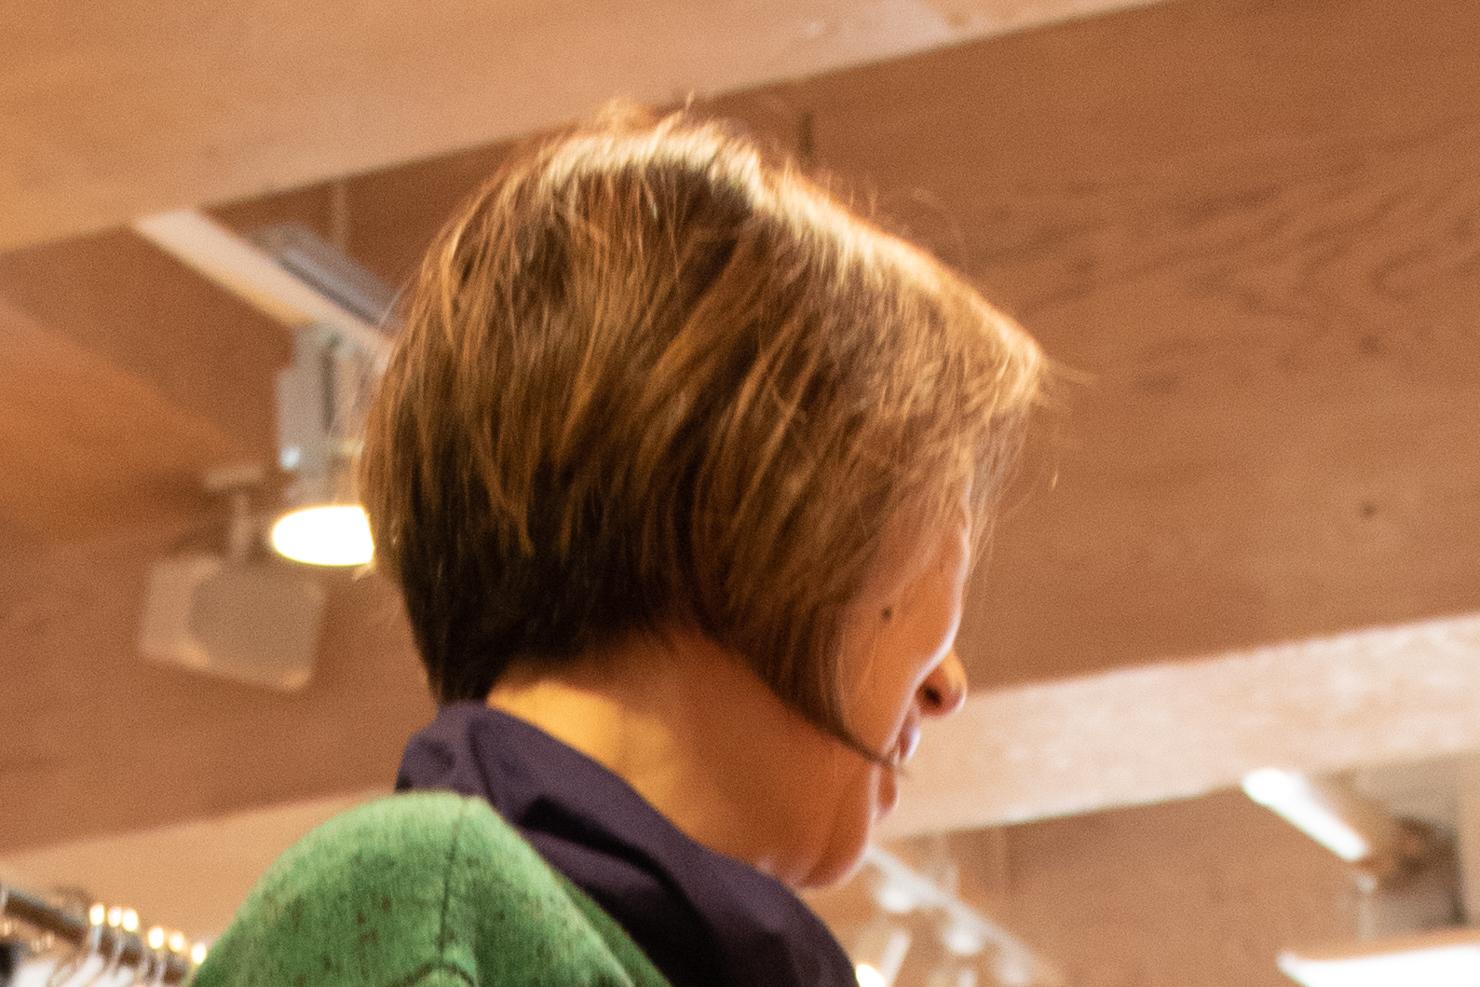 グレイヘア移行期間でも髪色が美しい写真